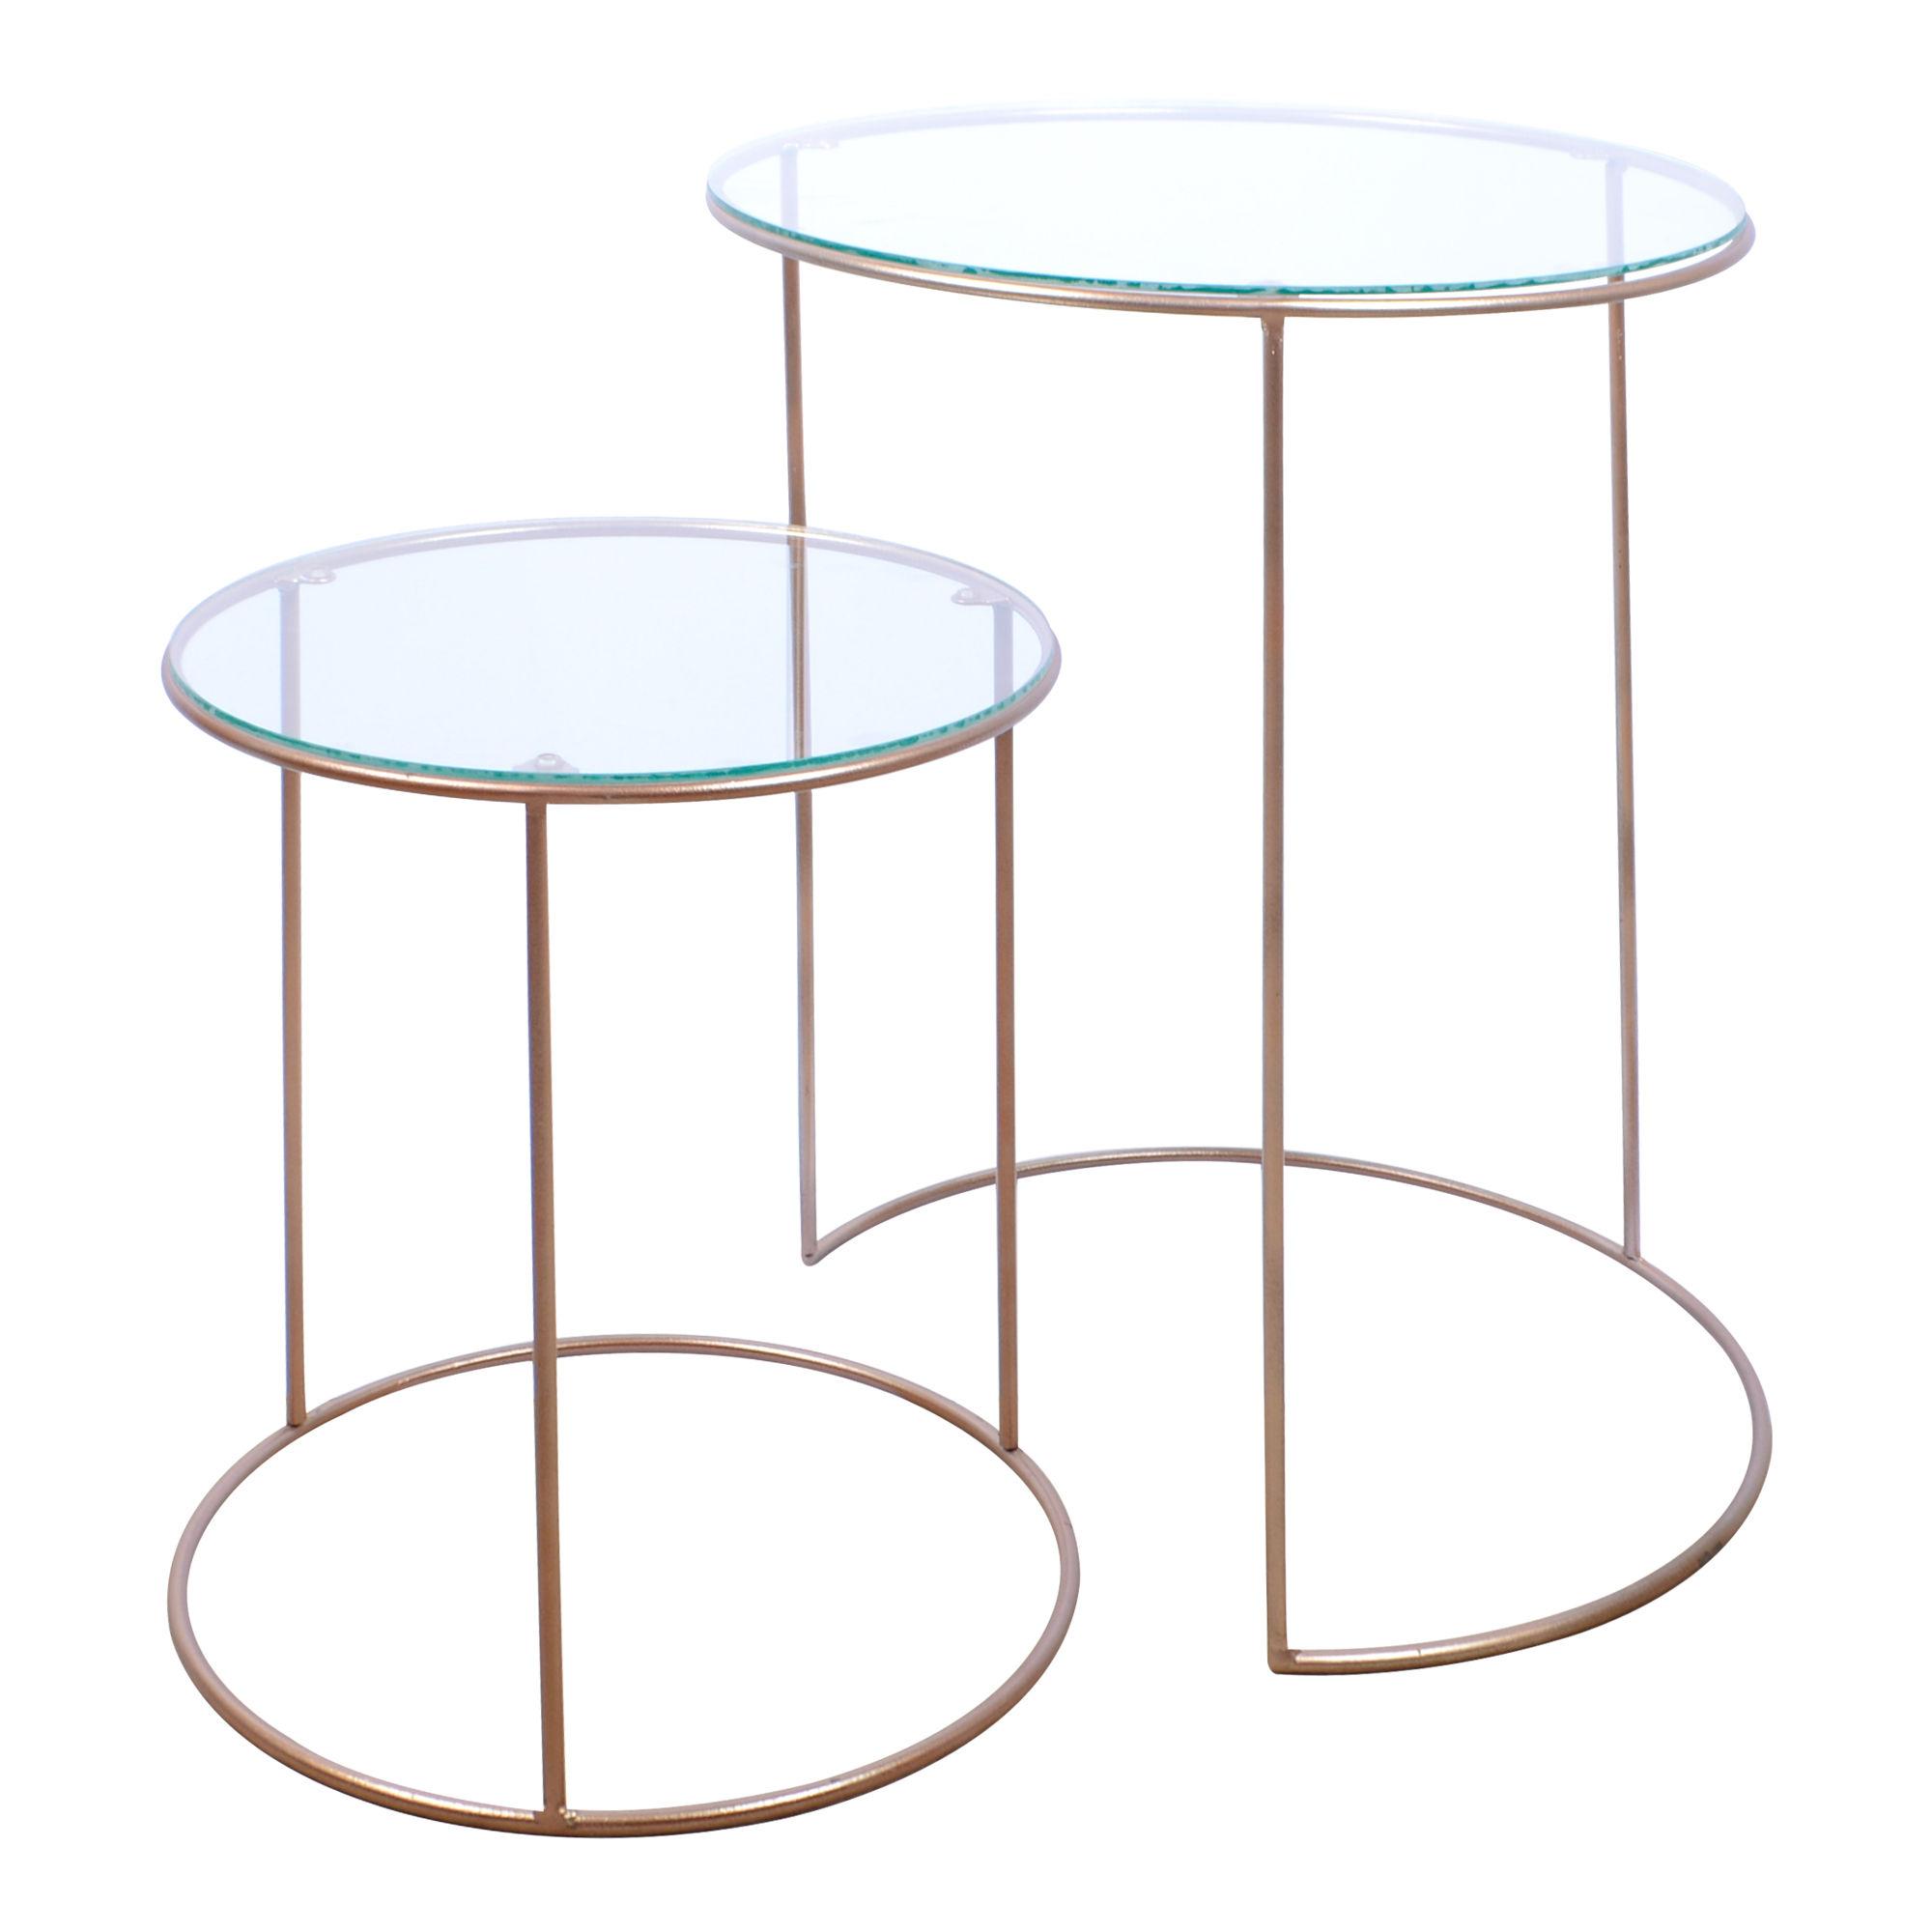 Conjunto de 02 mesas redondas de ferro Rose Gold